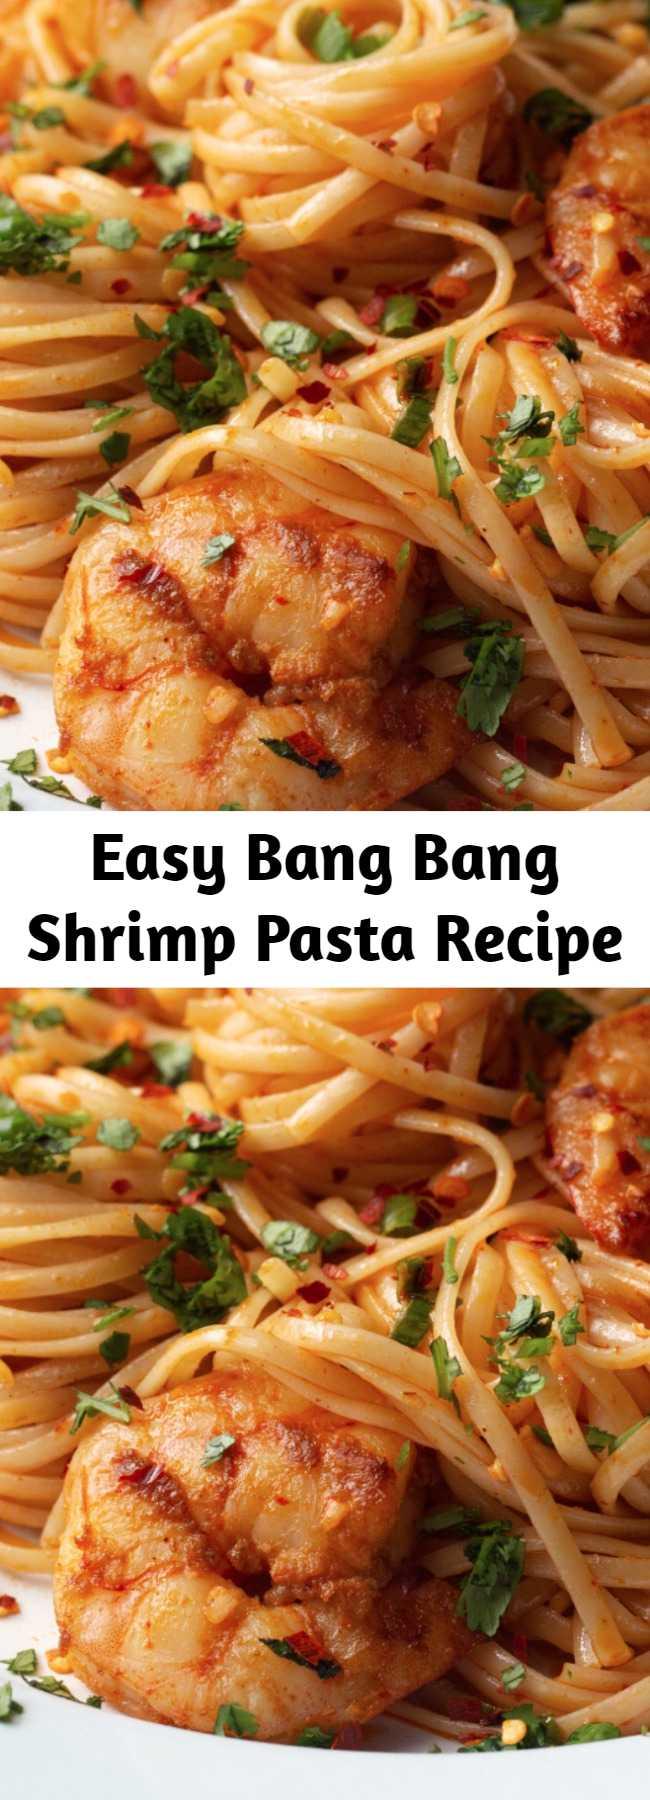 """Easy Bang Bang Shrimp Pasta Recipe - Why """"Bang Bang?"""" Because this shrimp pasta is bangin'!"""